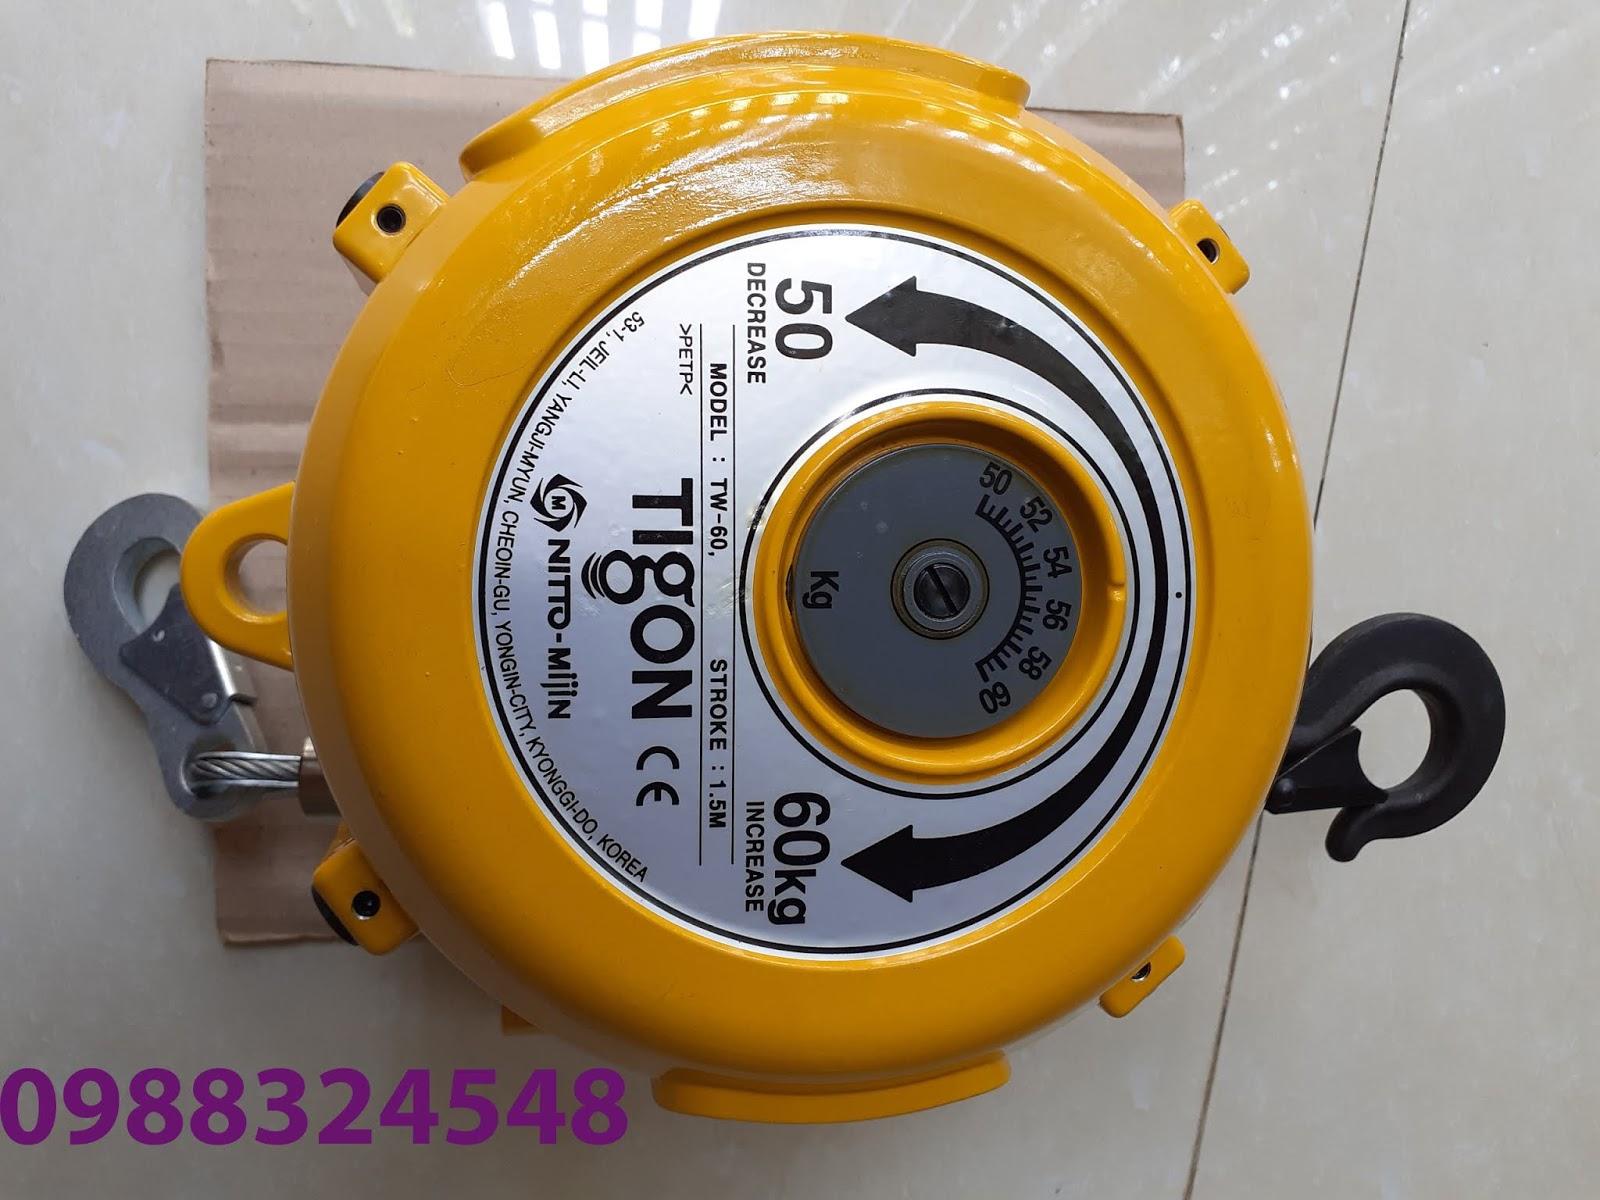 Pa lăng cân bằng Tigon TW-60, tải trọng: 50-60kg